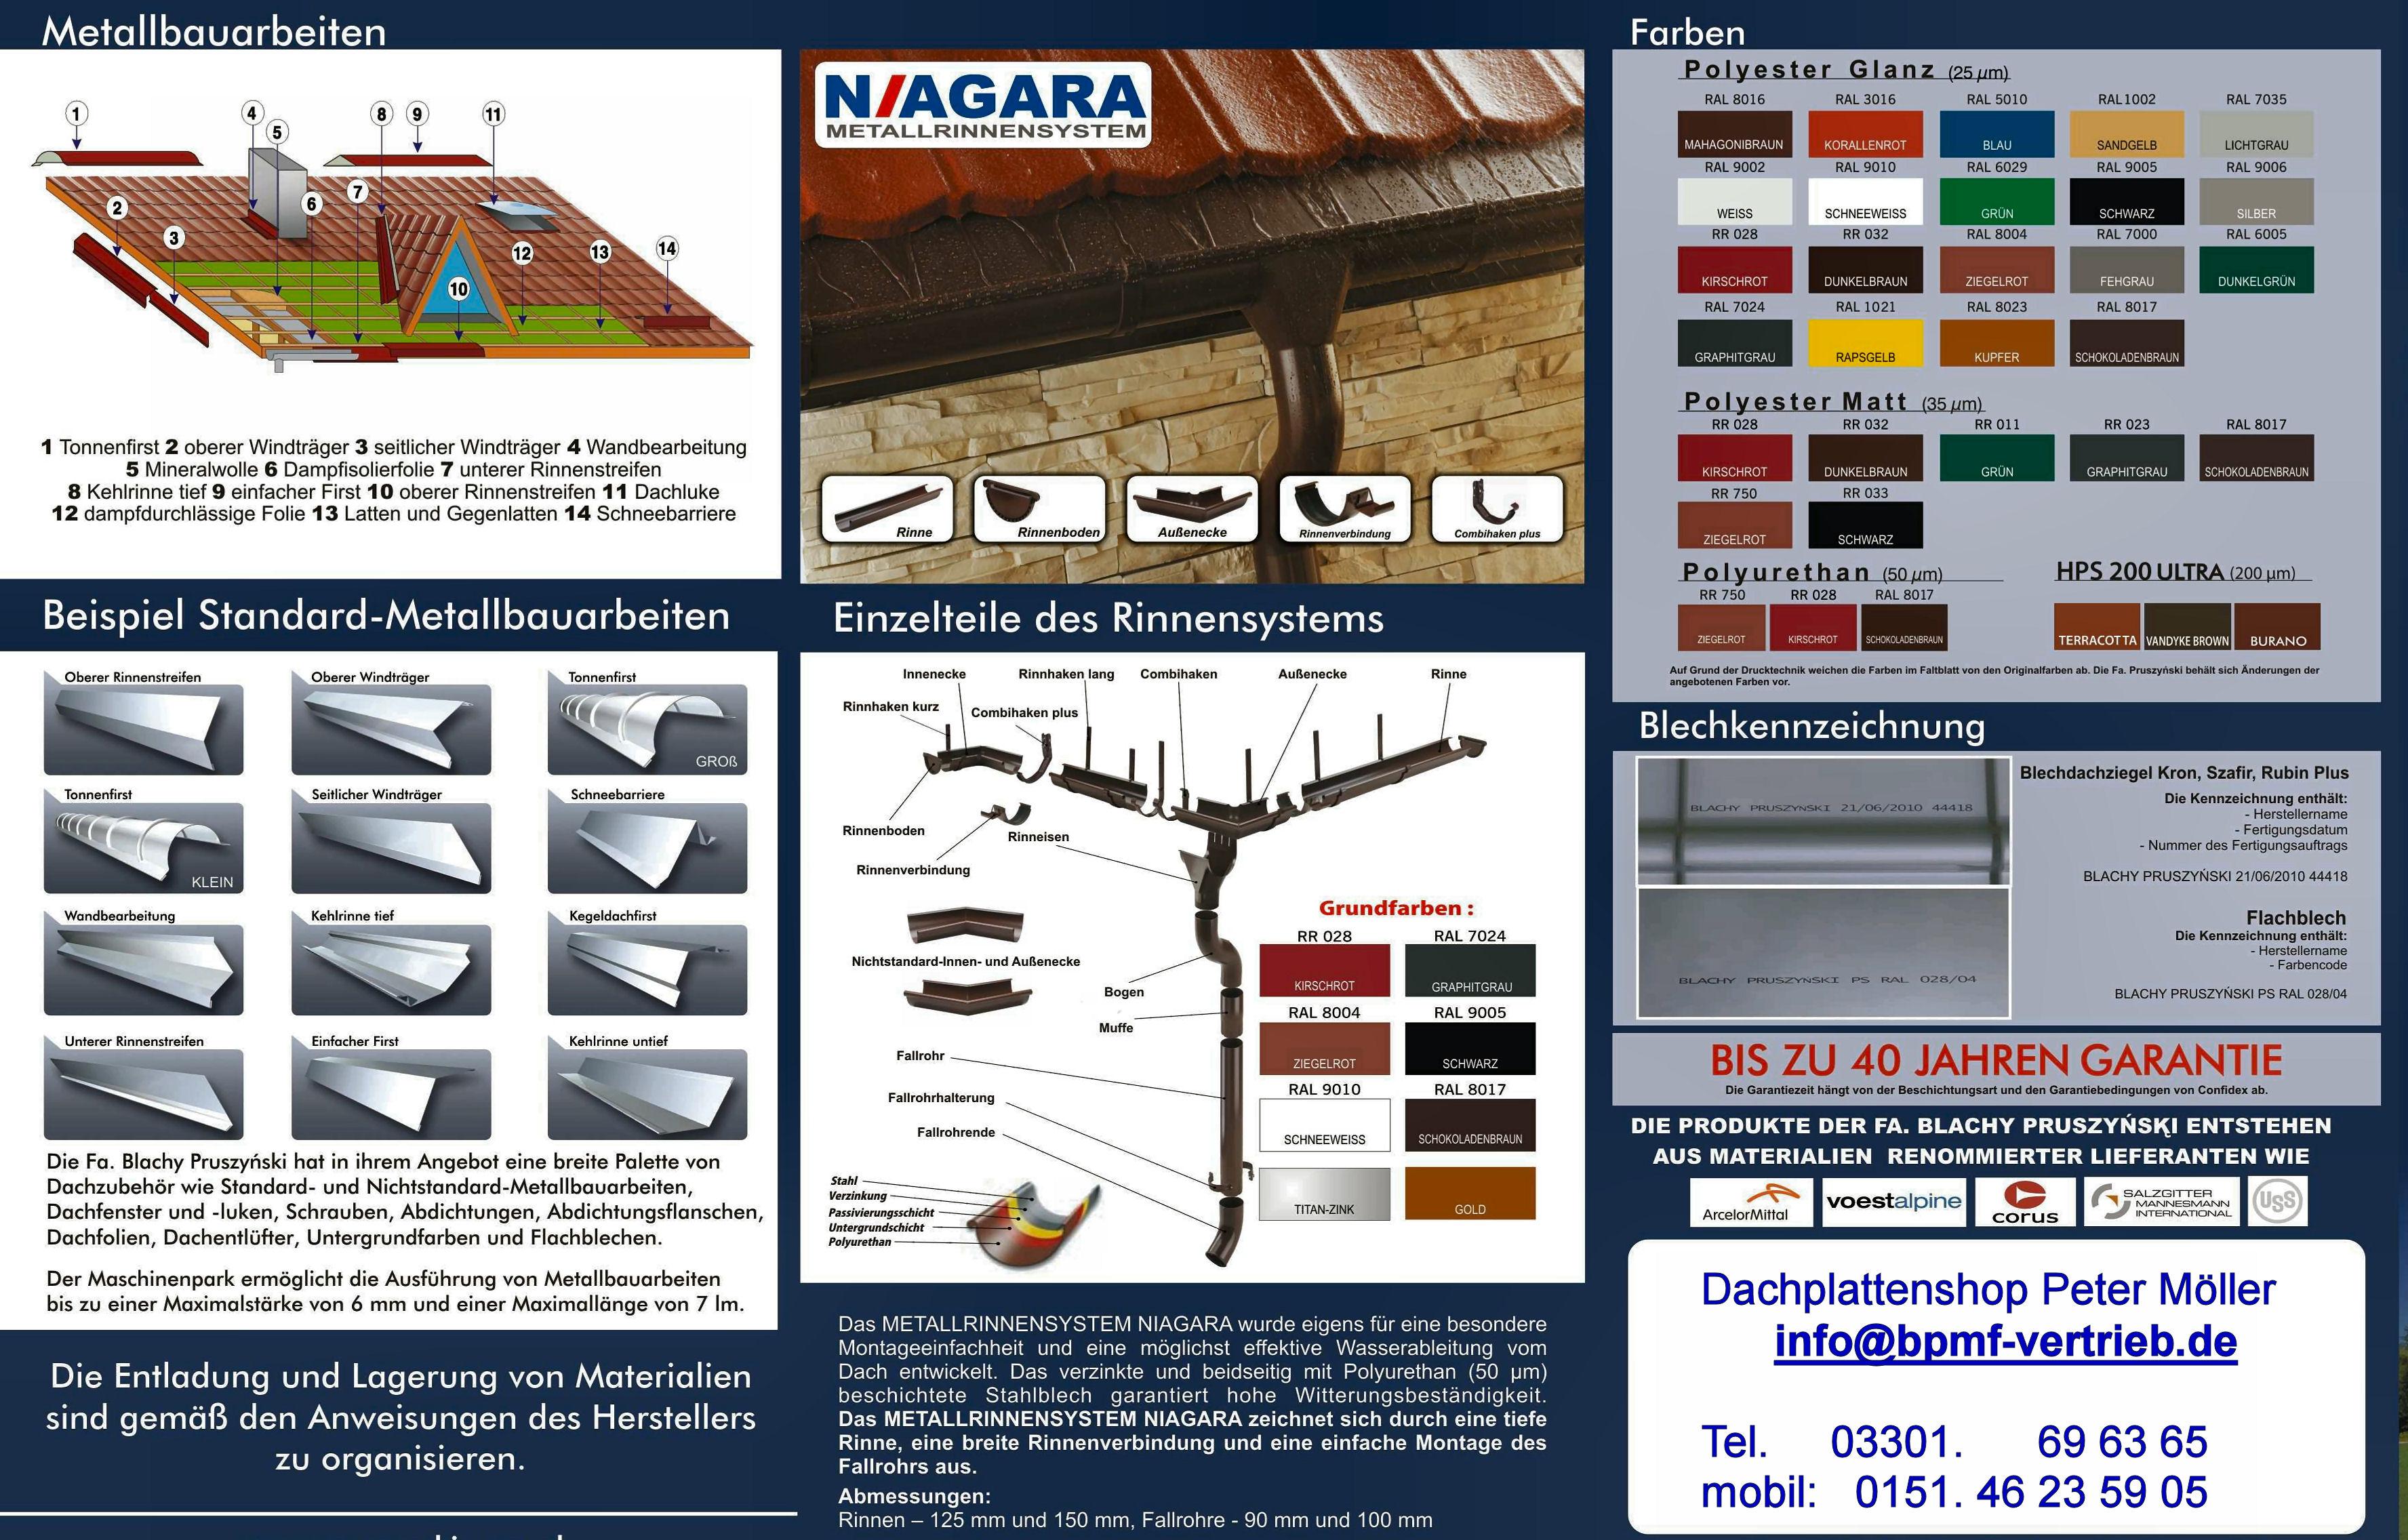 Dachrinnensystem - passend zu Stahlblechplatten